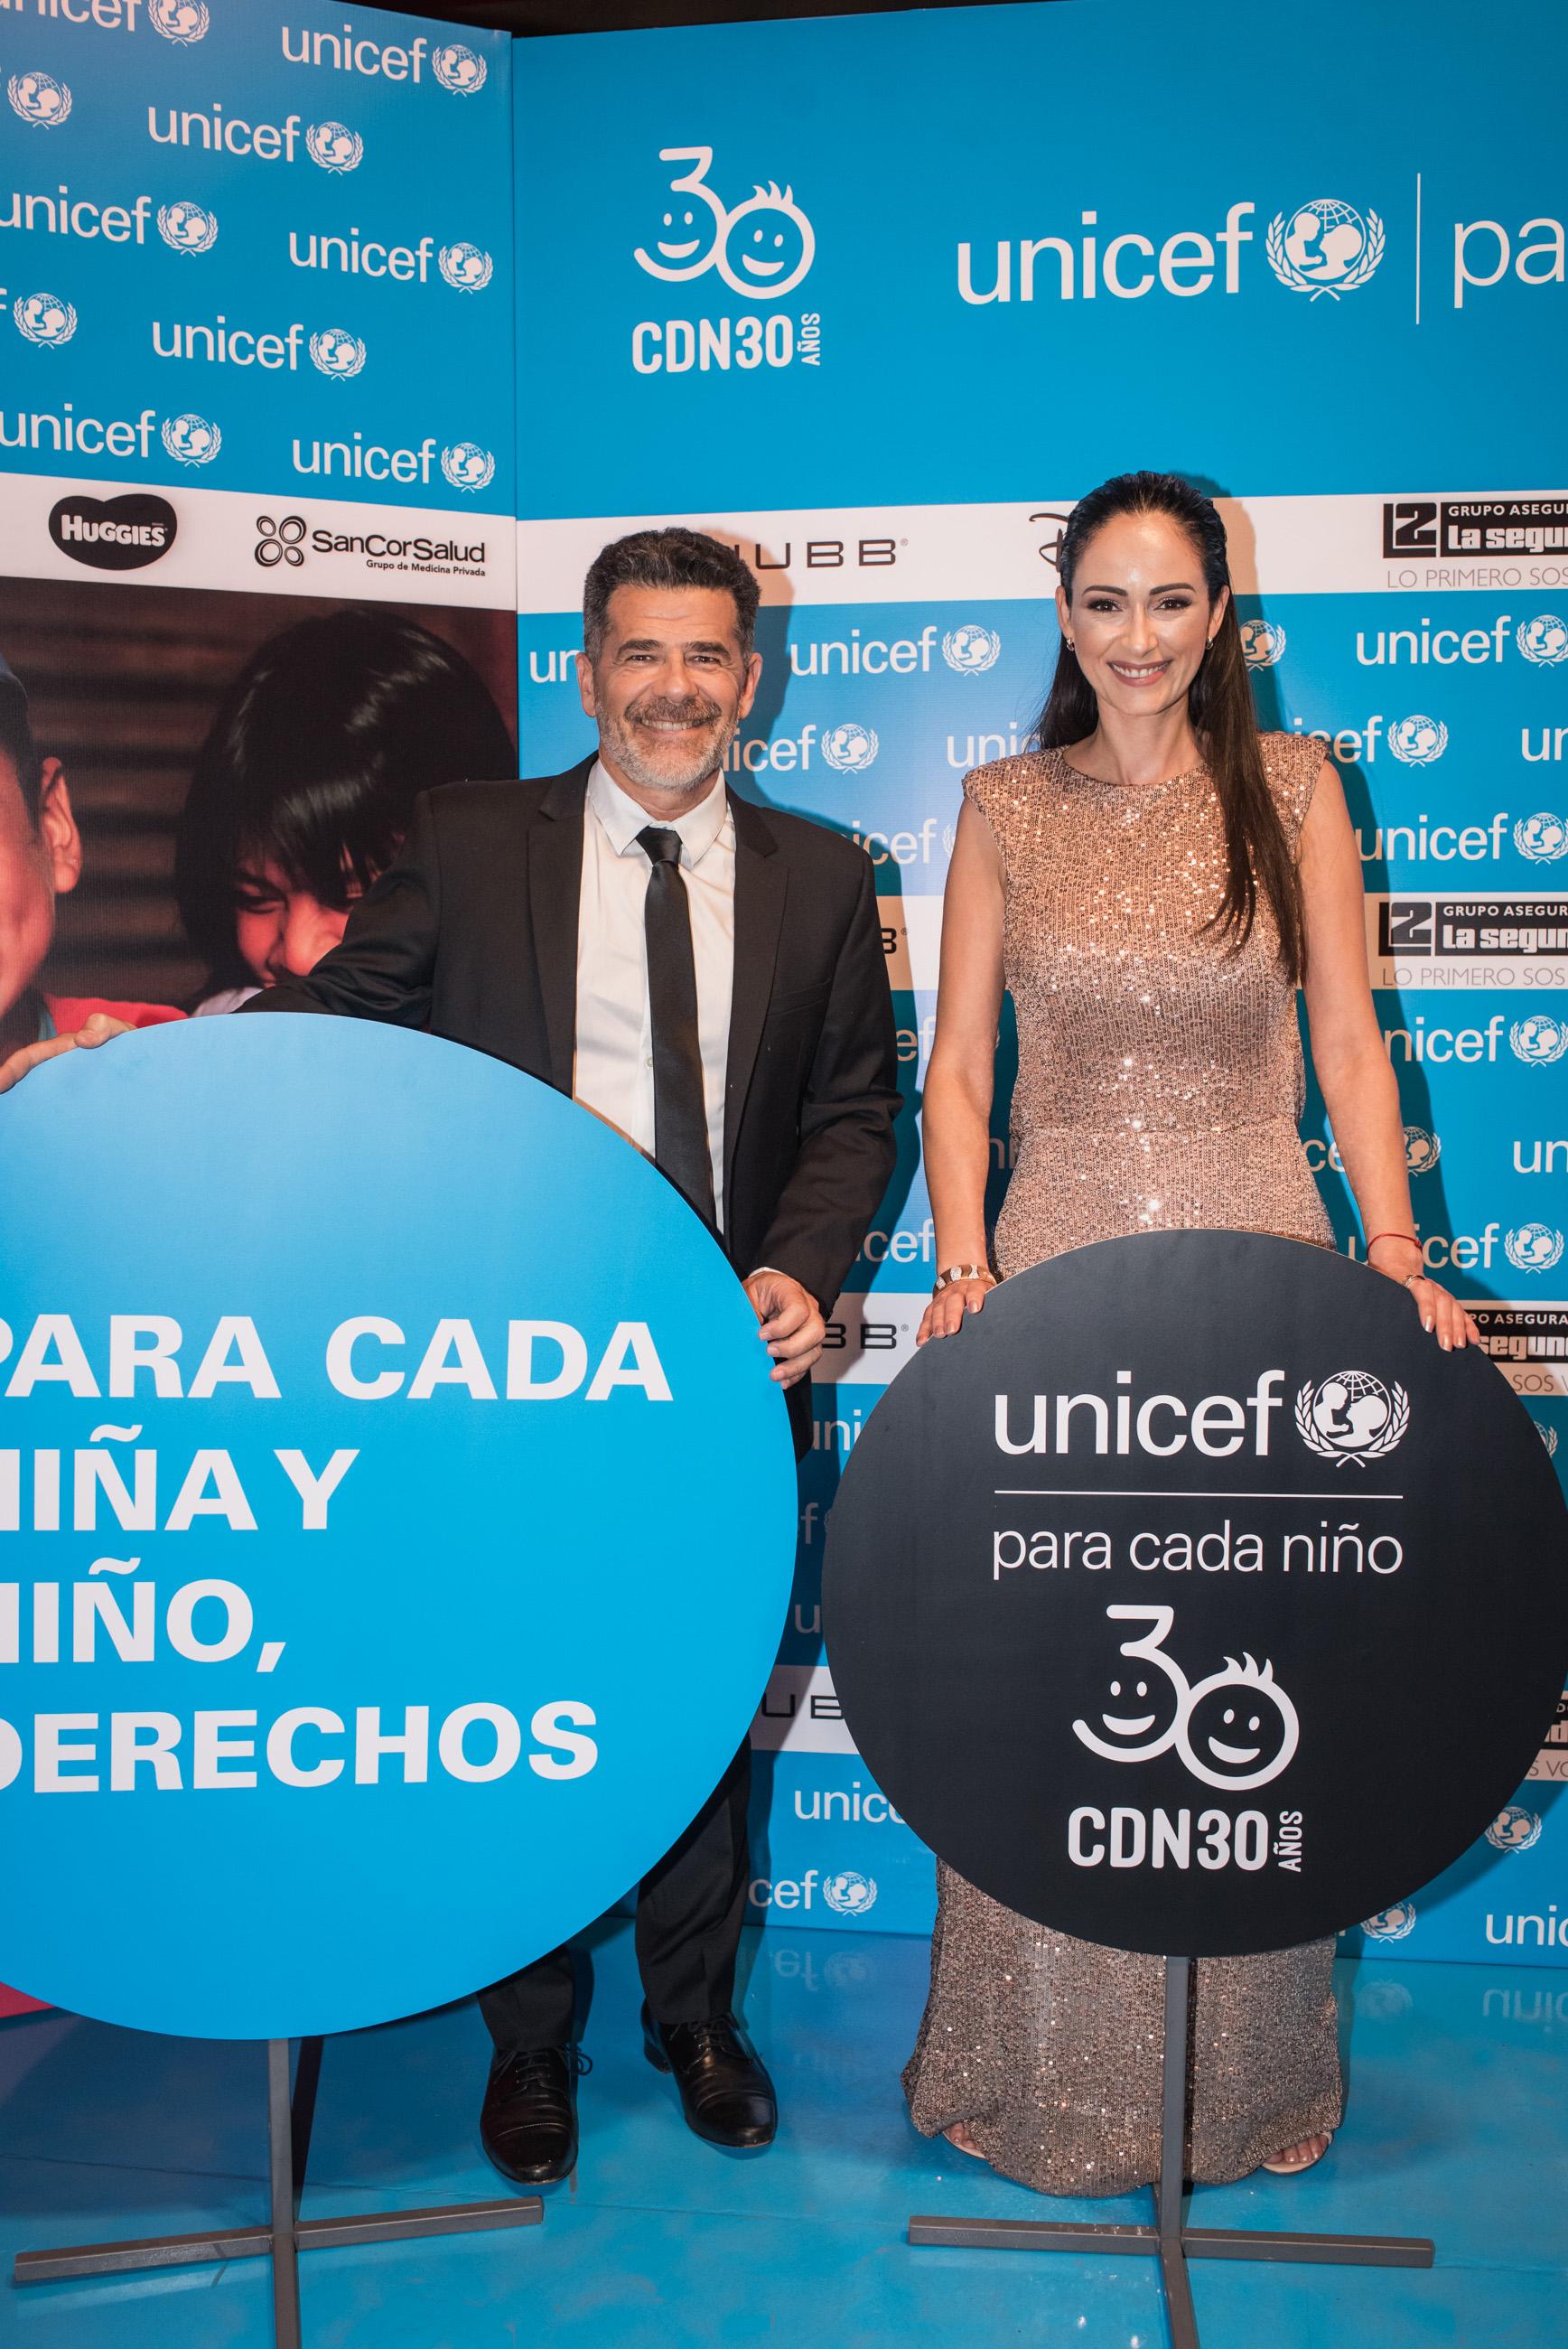 Julián Weich, embajador de UNICEF Argentina, y Gabriela Sobrado, fueron los anfitriones del evento